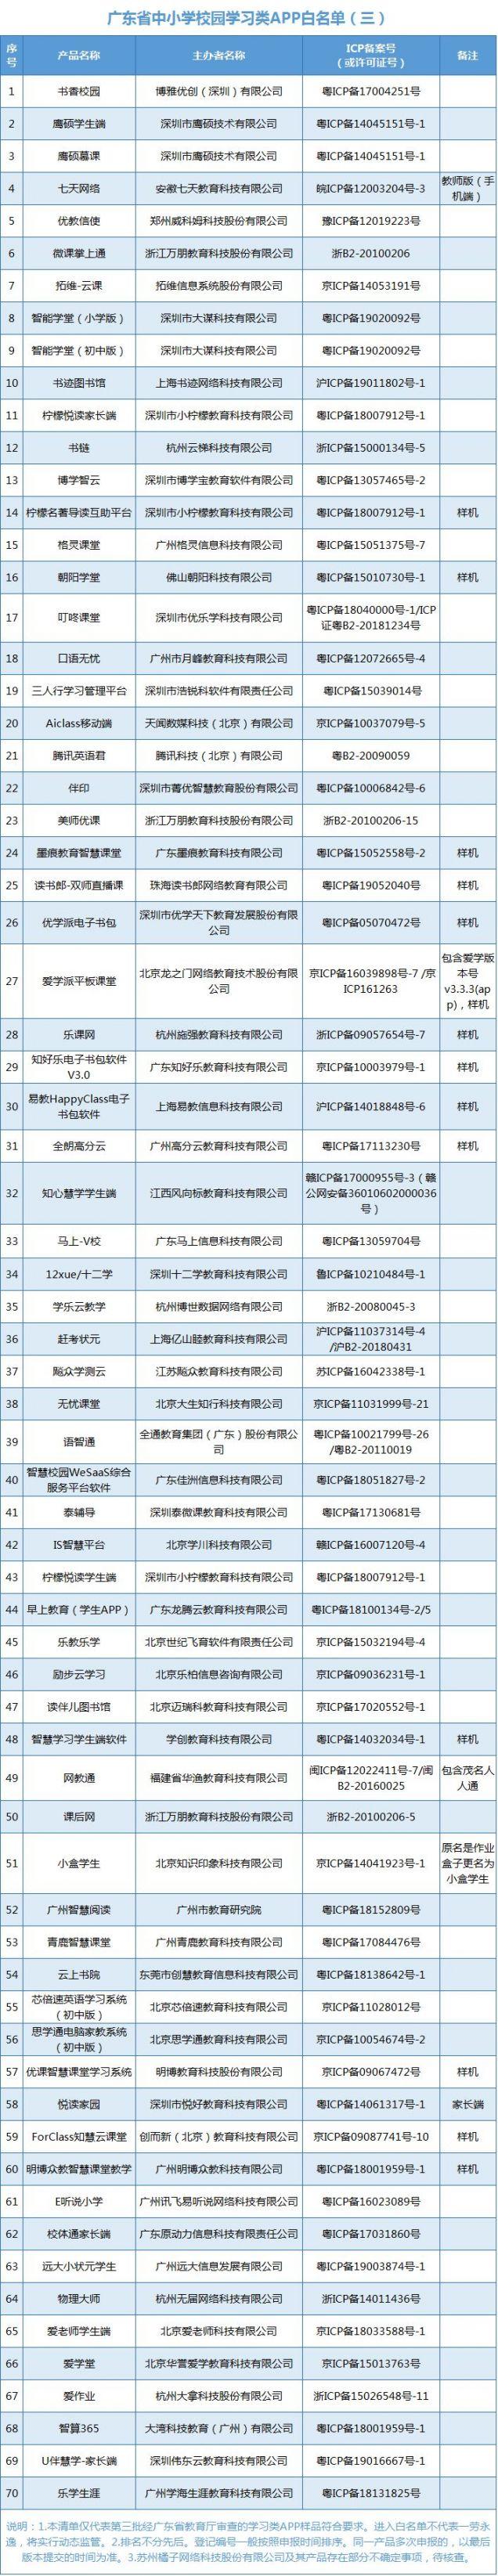 广东省中小学校园学习类APP白名单一览(持续更新)